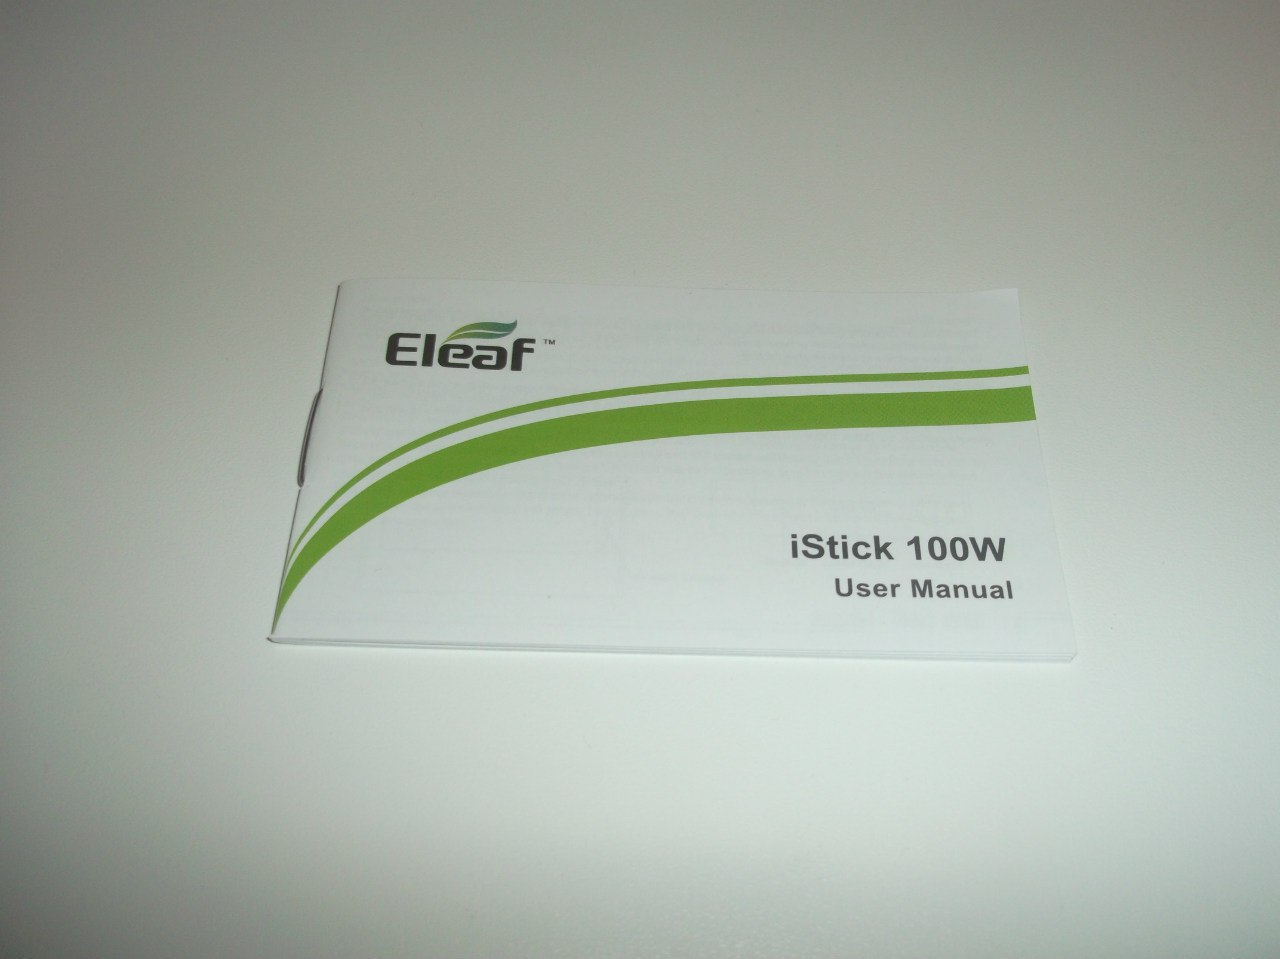 Cigabuy: Eleaf Istick 100W. Бюджетный оригинальный боксмод для парения от компании Eleaf, мнение.